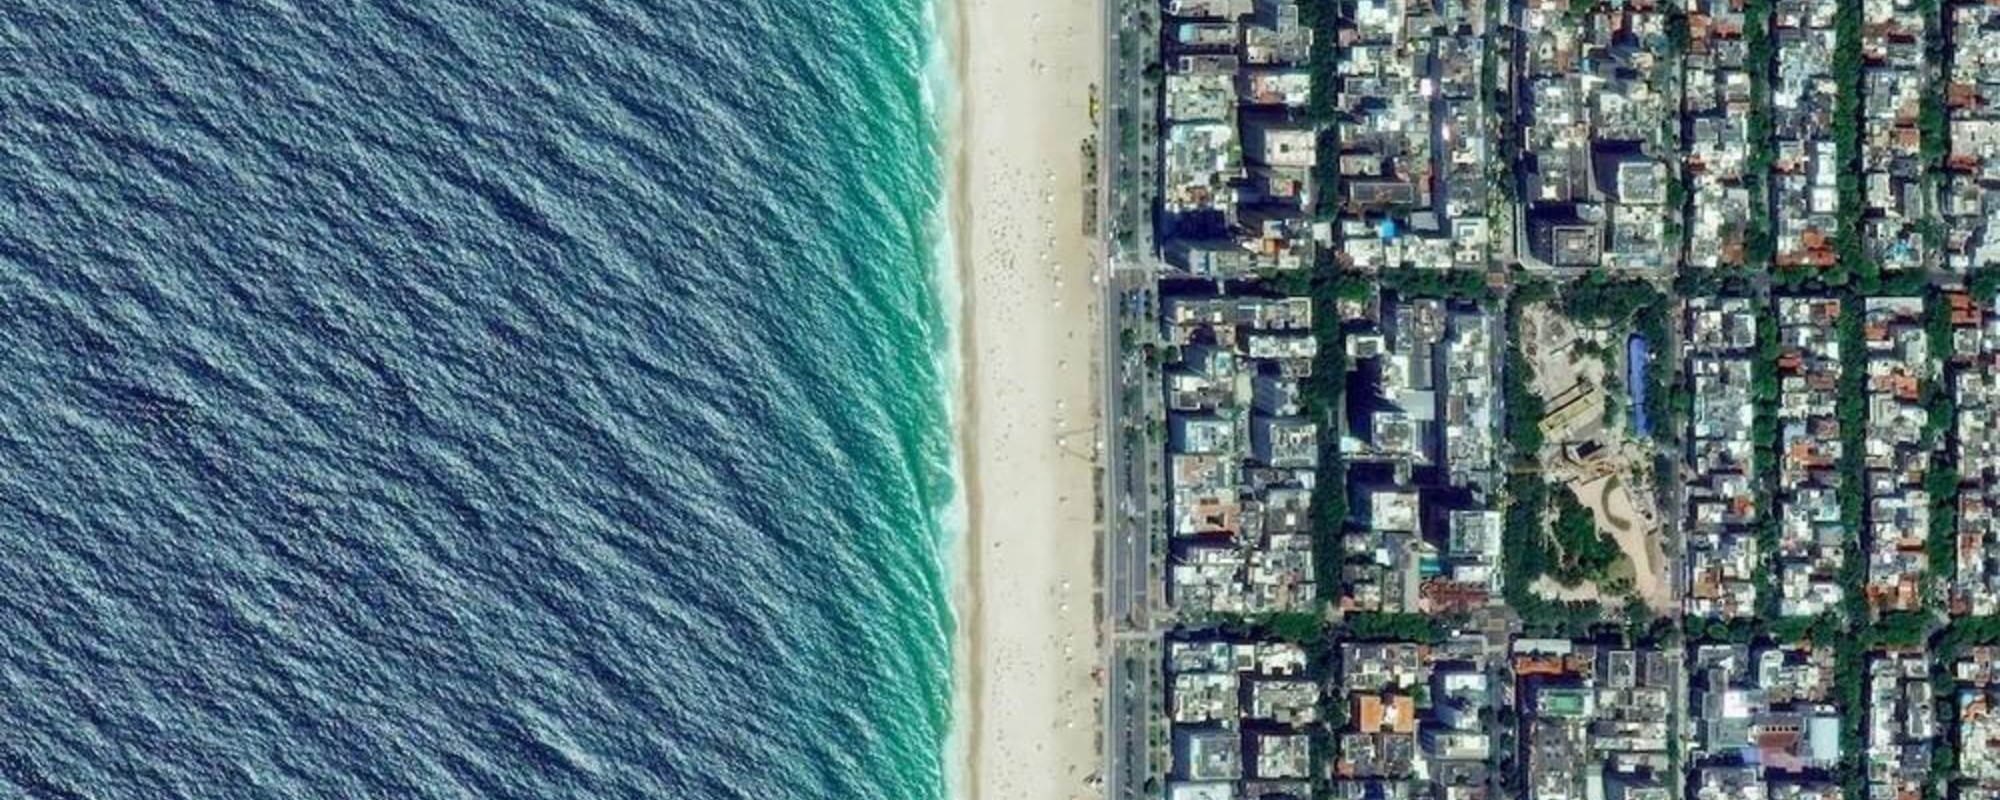 Fotos vistas desde el espacio que nos recuerdan lo pequeños que somos